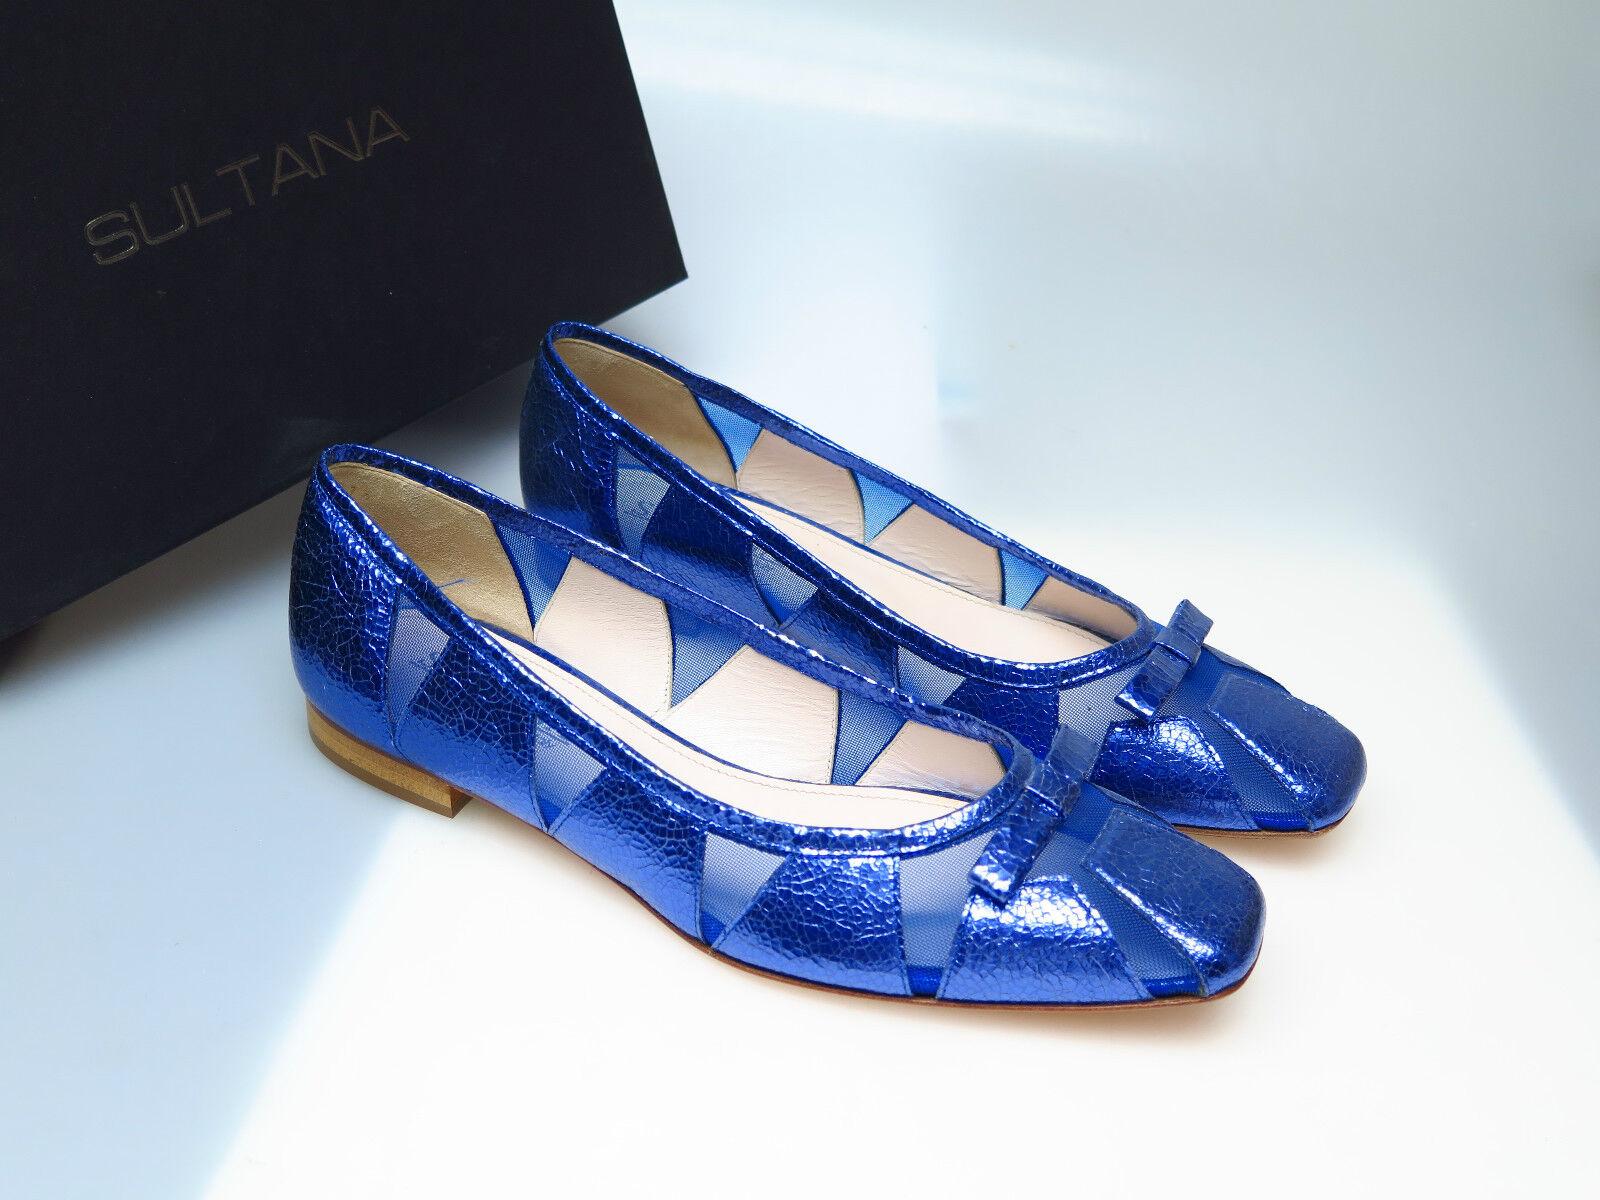 SULTANA Schuhe Designer Damenschuhe N4500 Tati Vegas Indaco NEU Goldi Gr. 37,5 NEU Indaco fb4d06